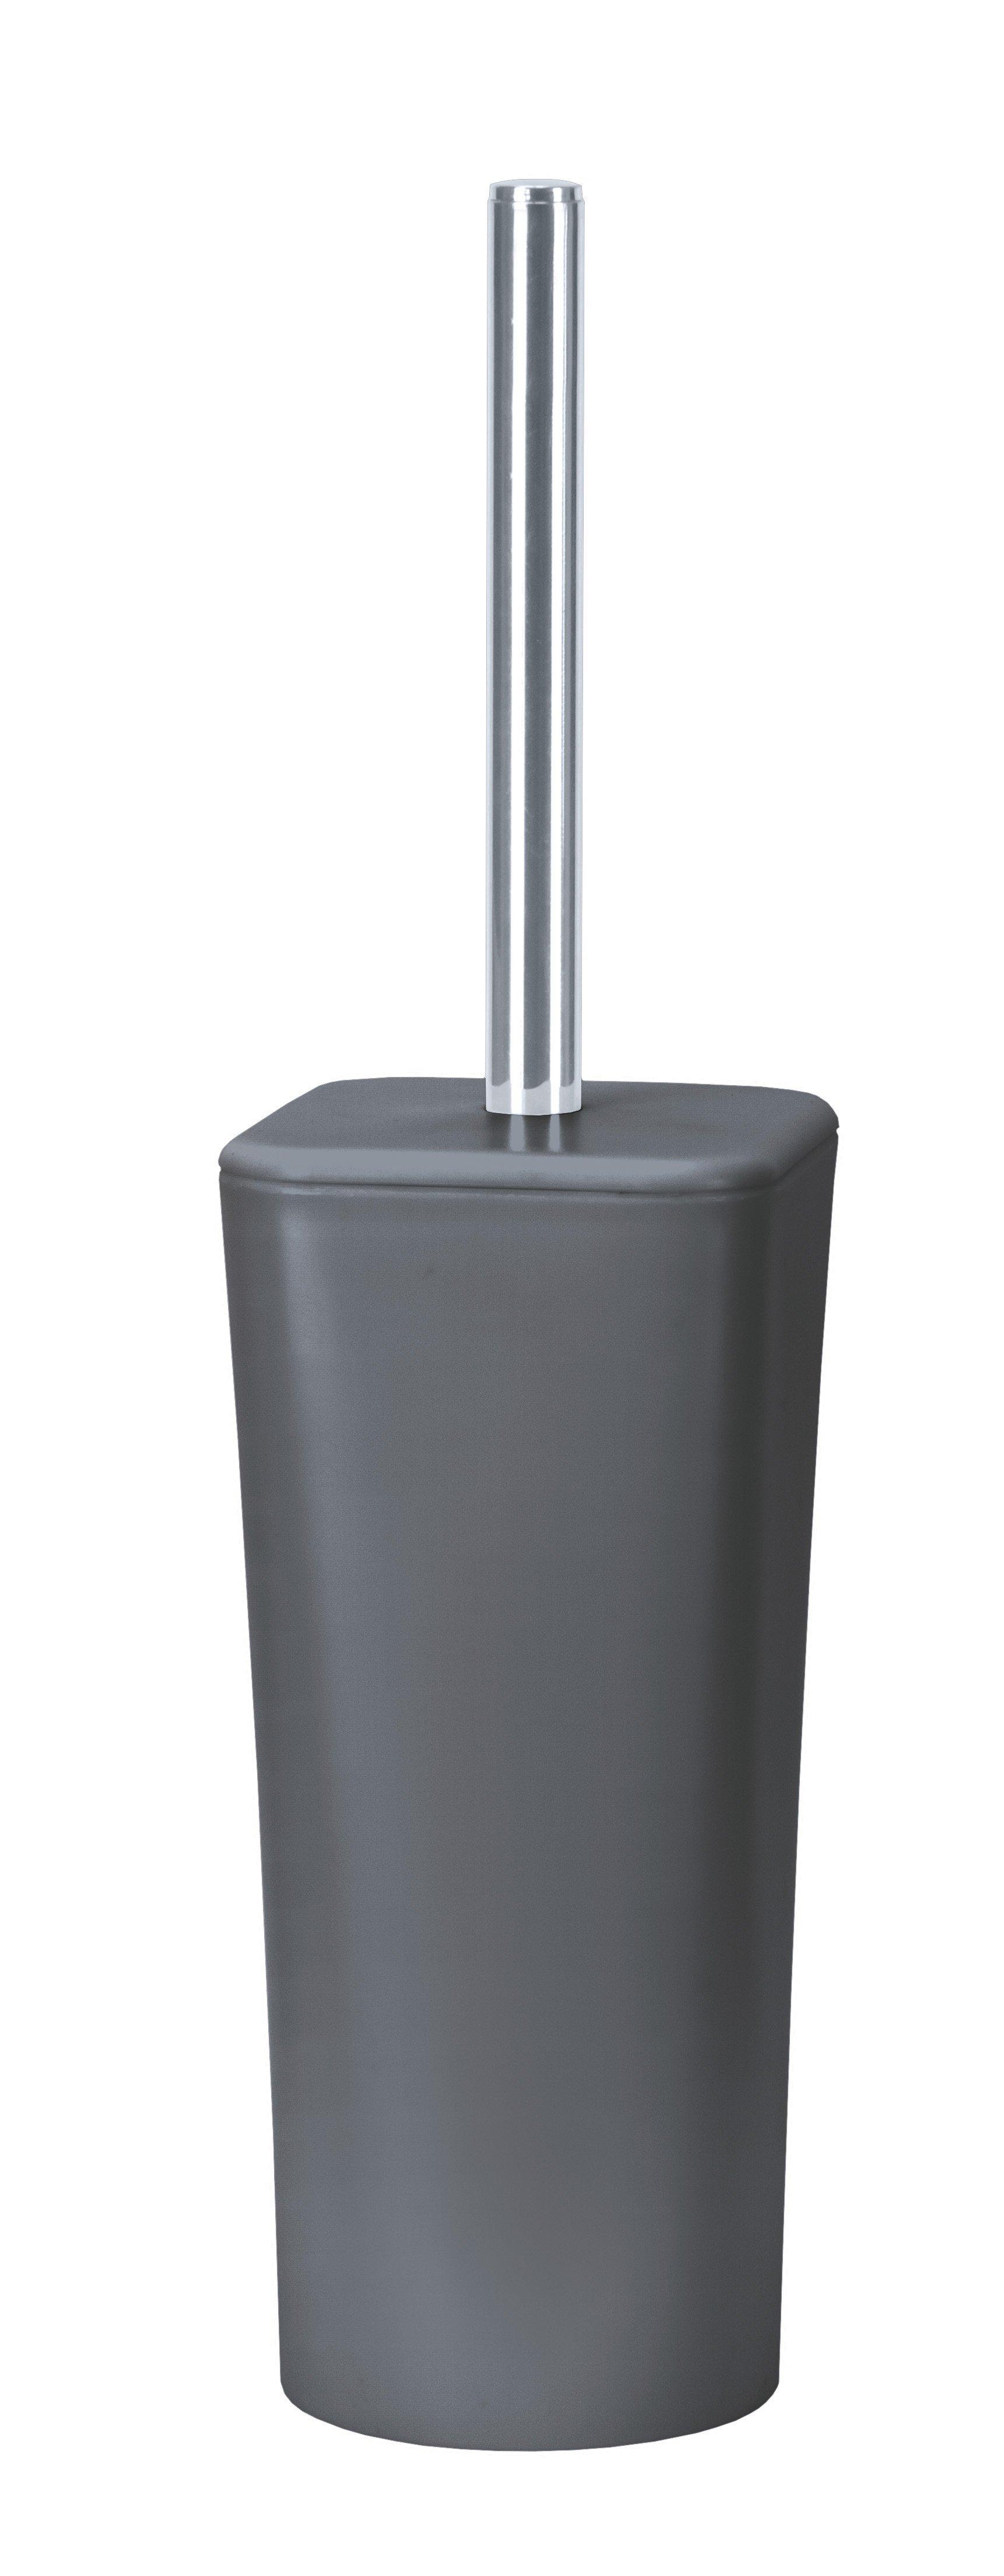 WC-Bürstenhalter Plenty Anthrazit B:9,3cm